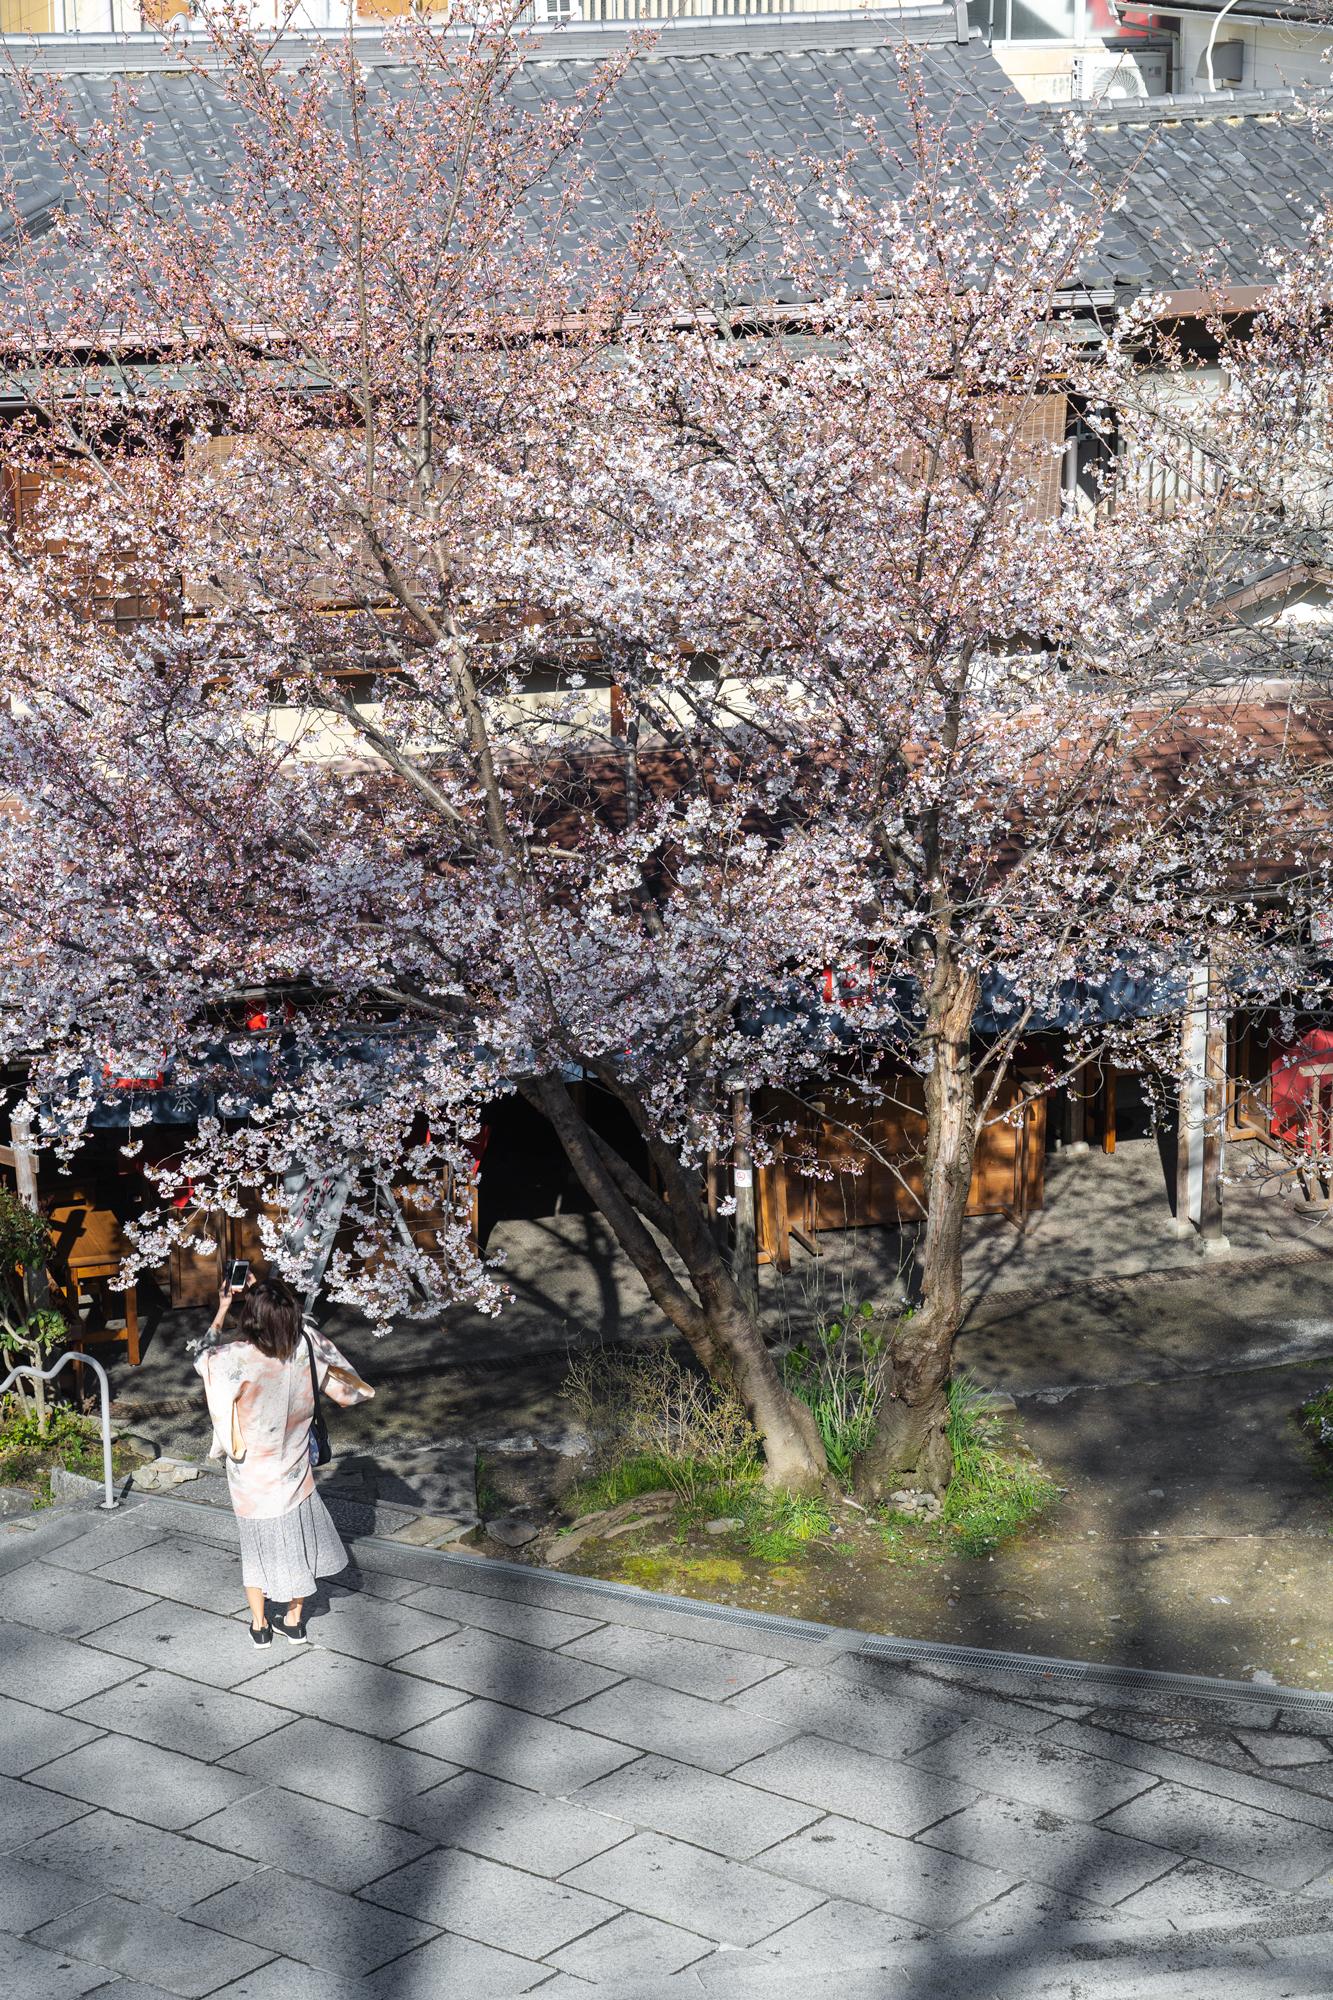 SONY_ILCE-7M3_1365399474-1365449759_181 京都府 清水寺(2020年 清水寺の桜景色と春におすすめの写真スポット. 見どころやライトアップ、アクセス、工事状況、桜の見頃情報まとめ)